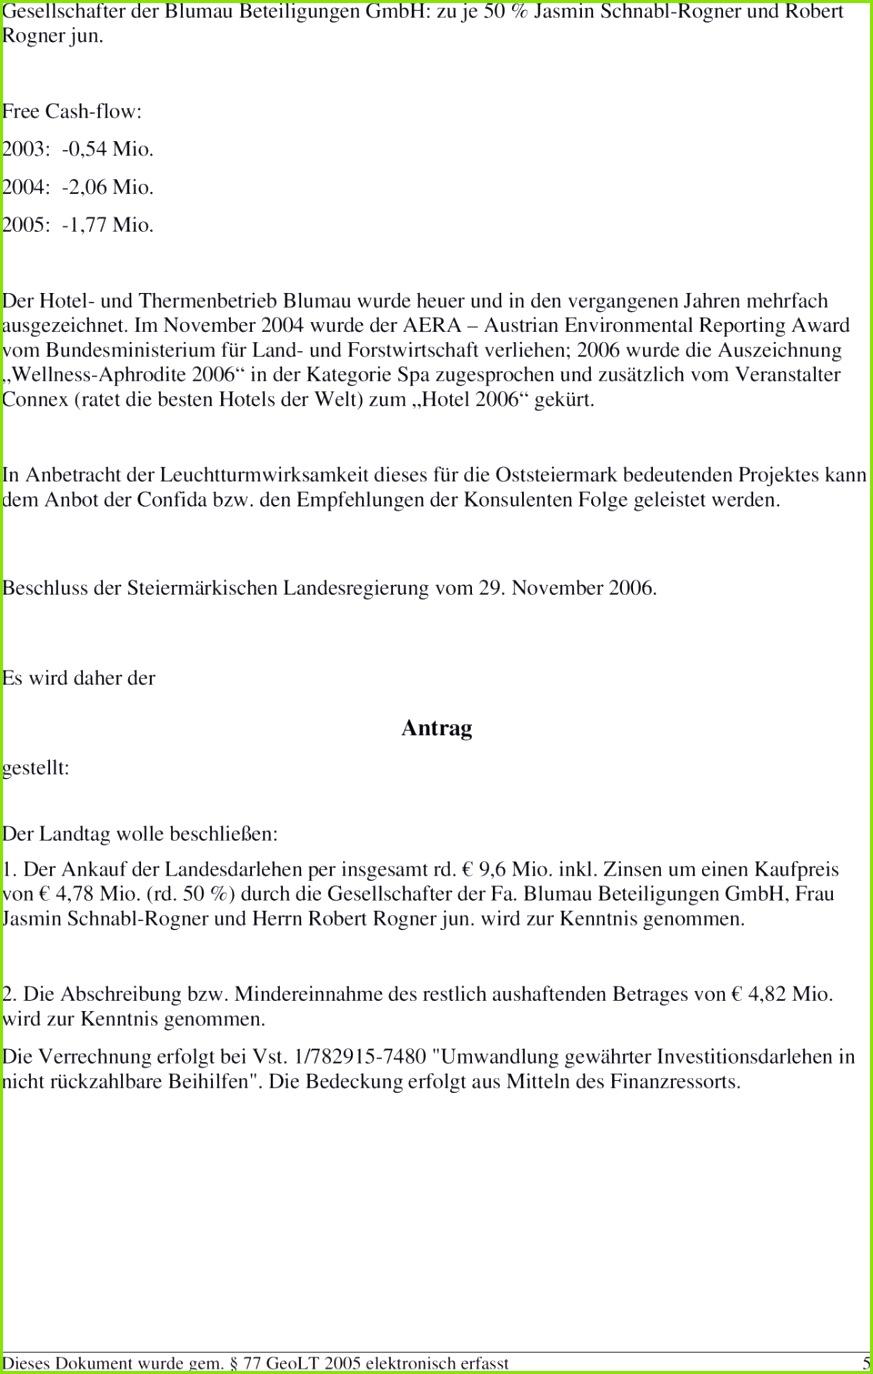 Vorlage der Steiermärkischen Landesregierung PDF